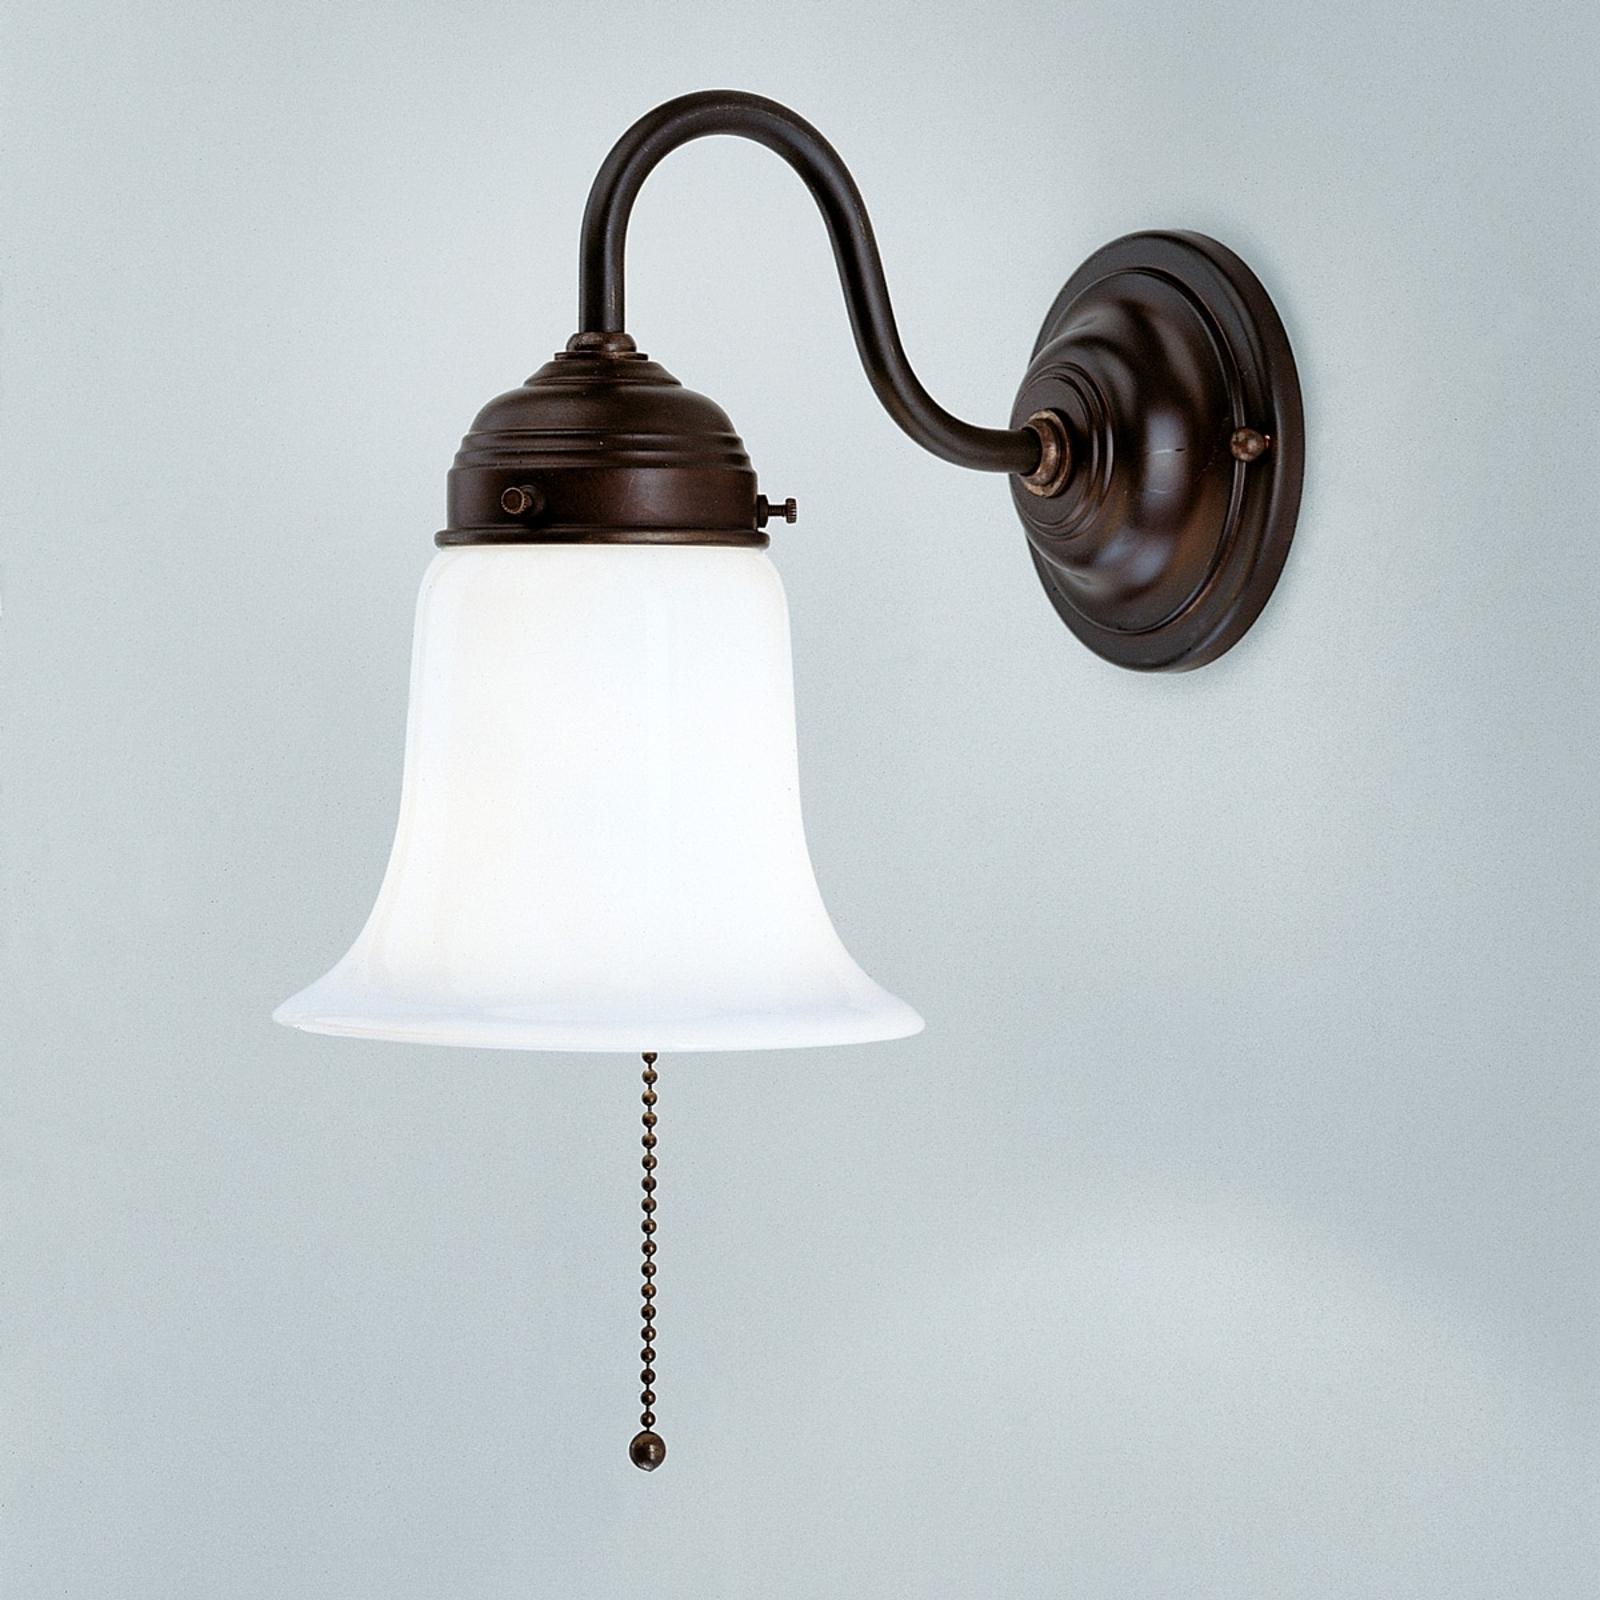 Vegglampe Sibille med antikt preg